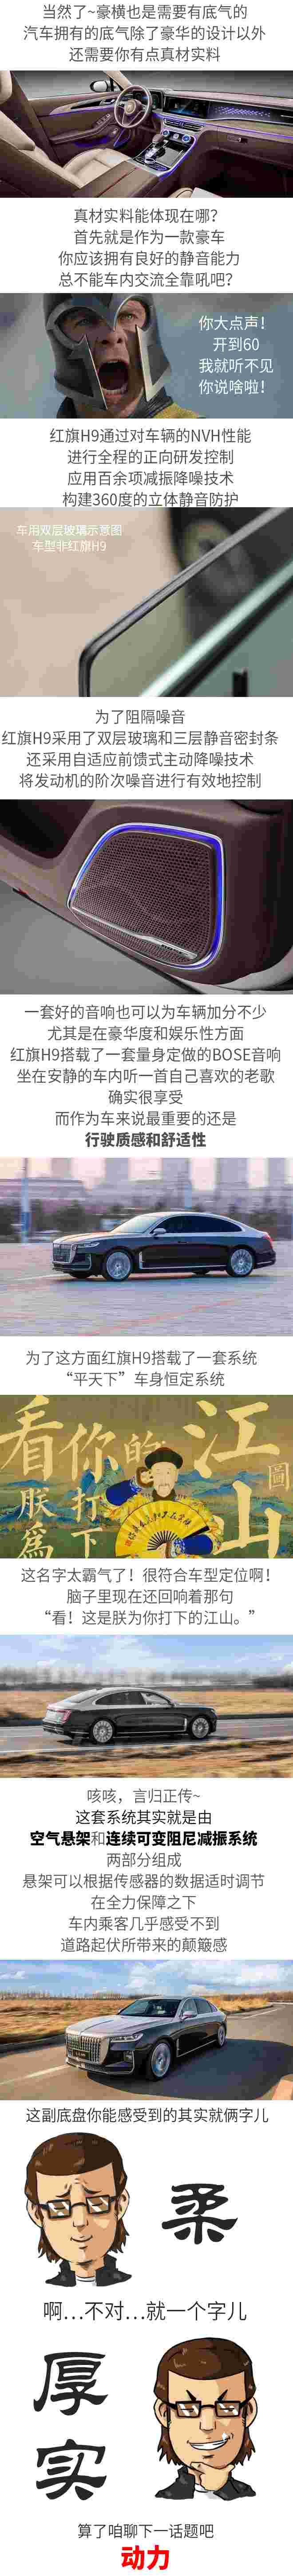 """《岳说岳che》之红旗H9 按下复苏""""快进键"""""""